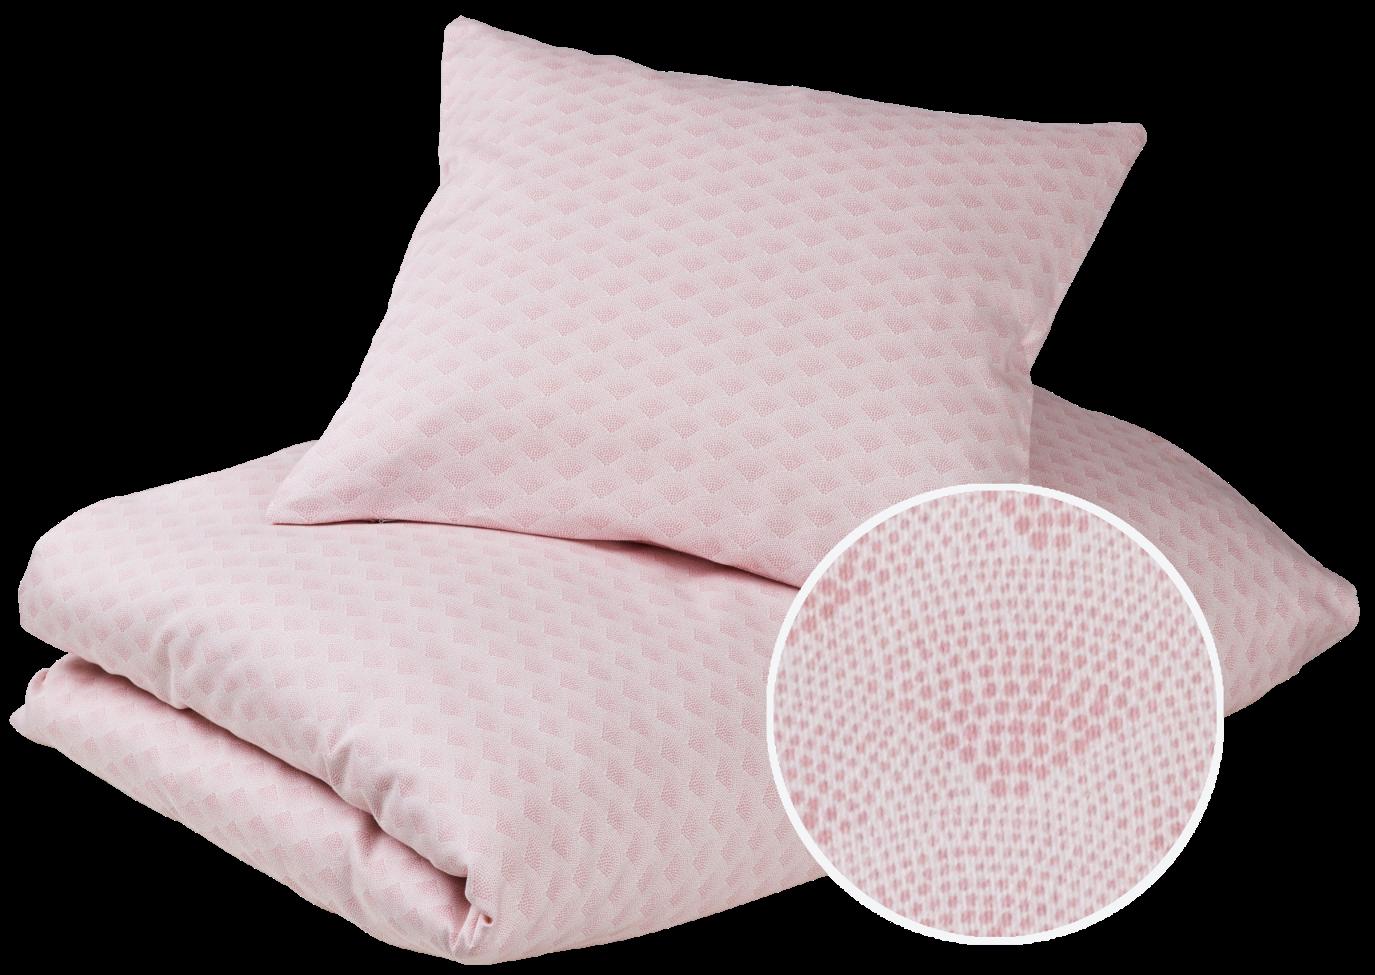 sengetøj Baby sengetøj fra Gubini   super lækkert og økologisk babysengetøj  sengetøj